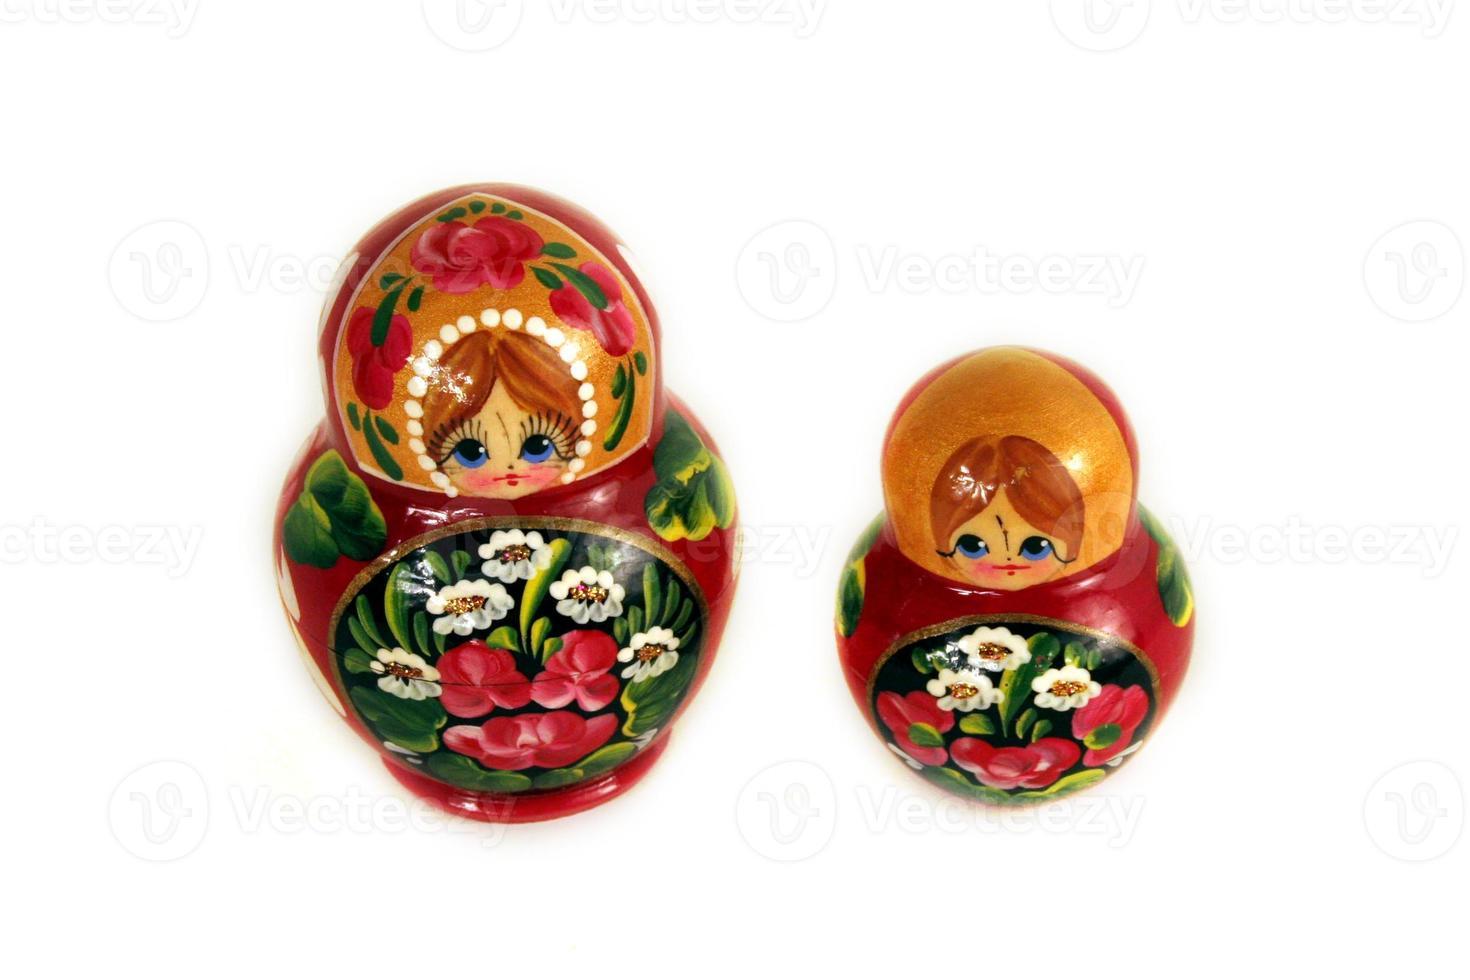 deux poupées russes photo